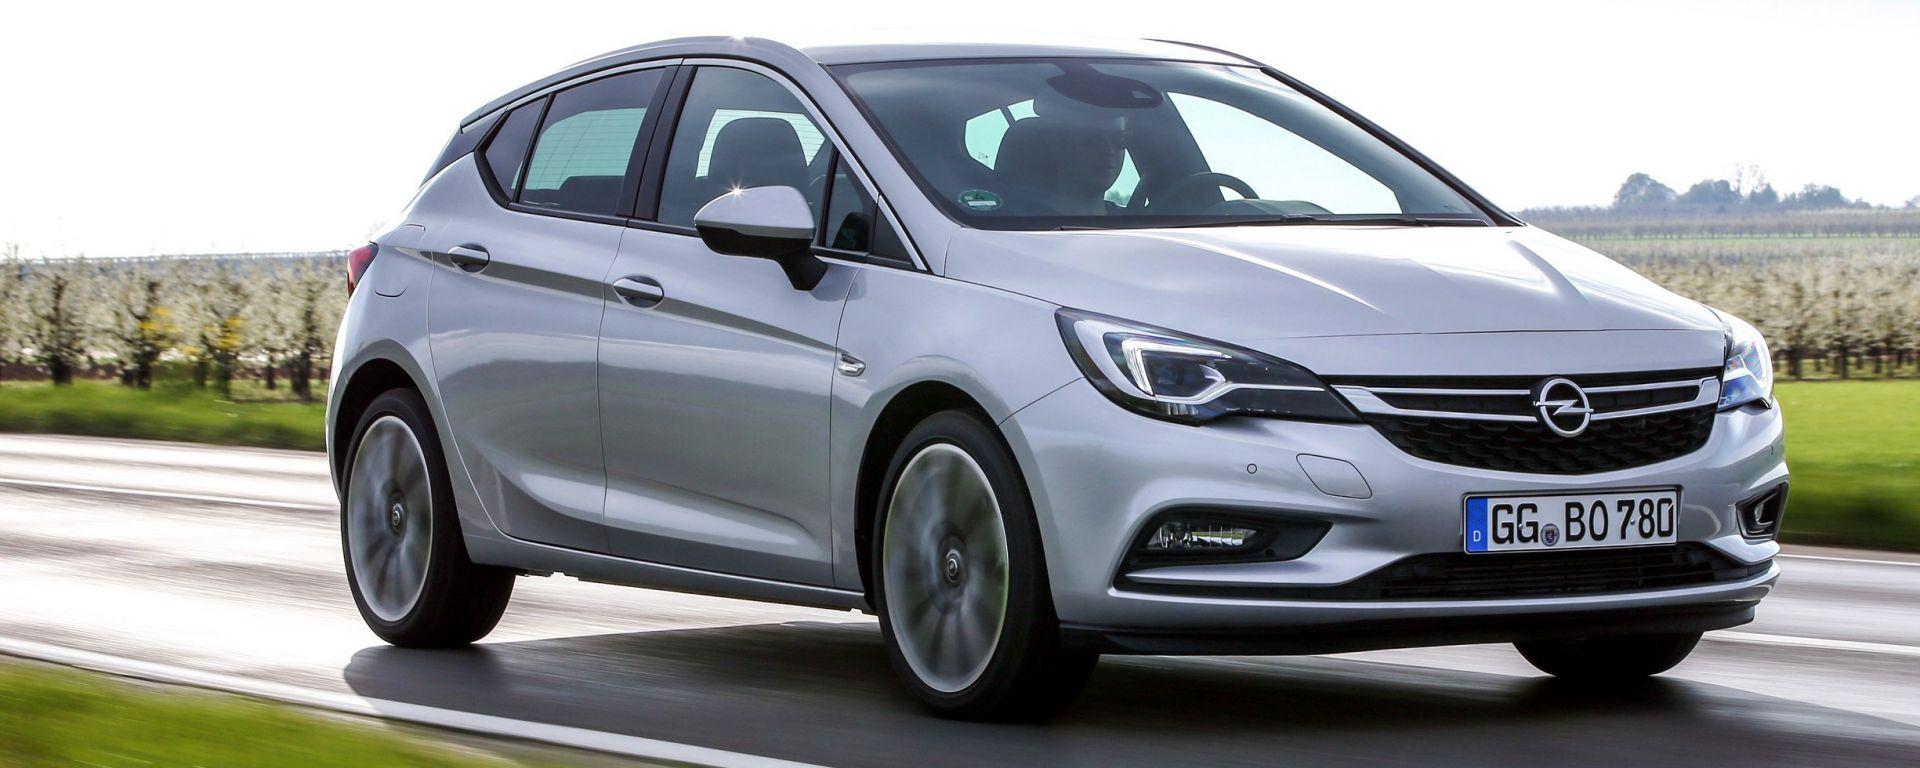 Opel Astra 5p 1.6 CDTI BiTurbo: prezzi da 27.100 euro